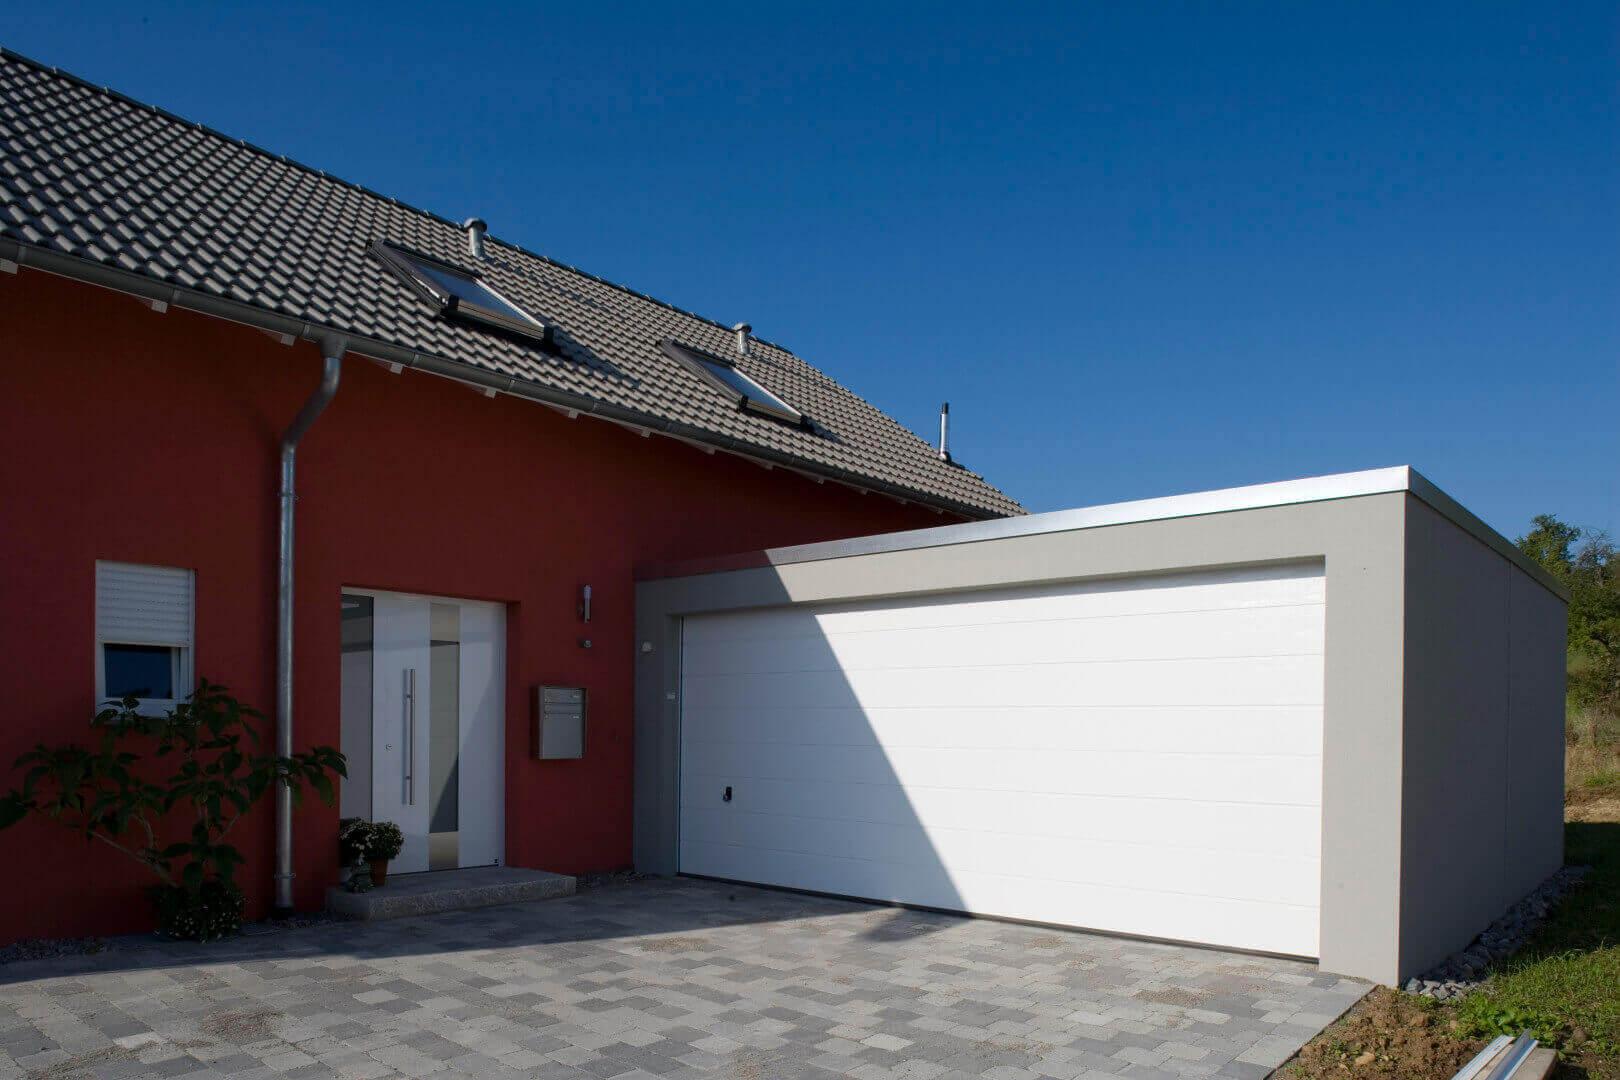 Tür Garage Haus farbgestaltung ausstattung